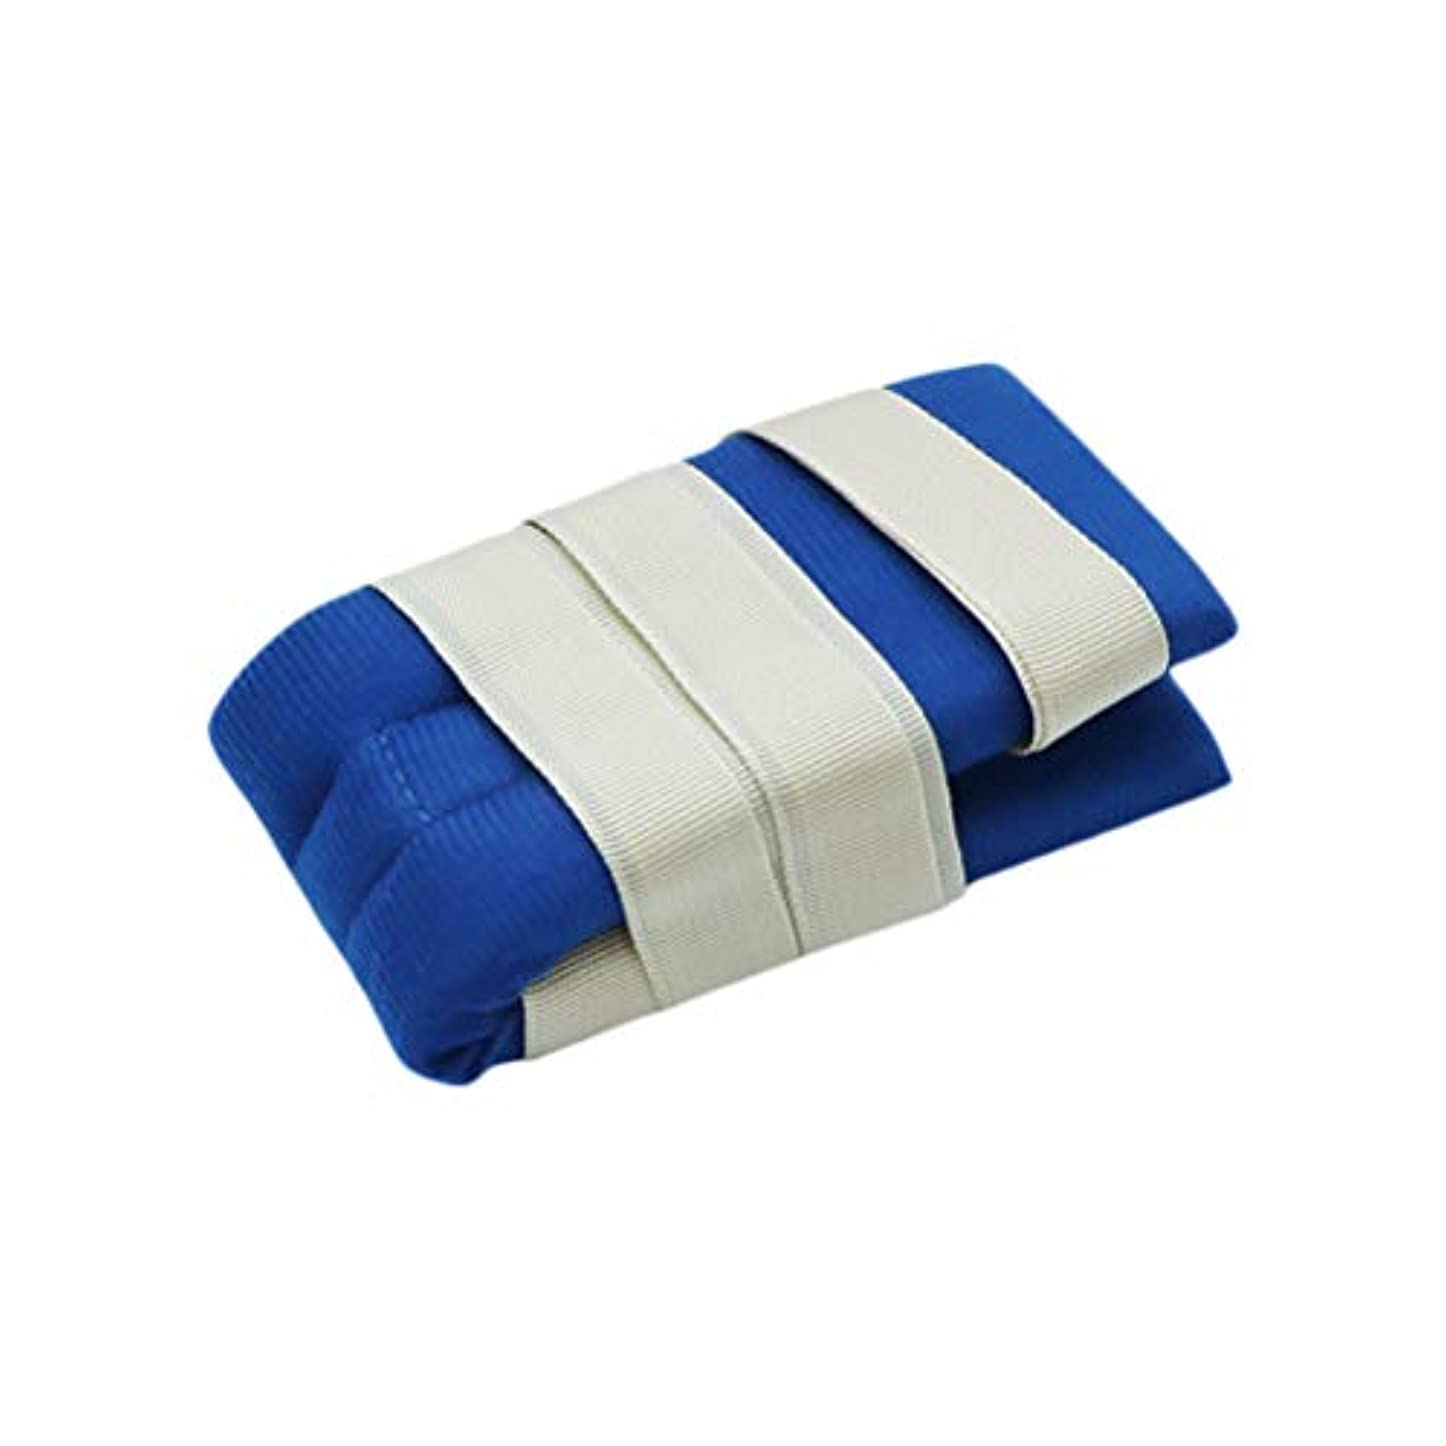 汚染有限シャックル手または足のための柔らかい医学の制限の革紐バンド病院用ベッドの肢のホールダー患者のための普遍的な抑制制御クイックリリースバンド